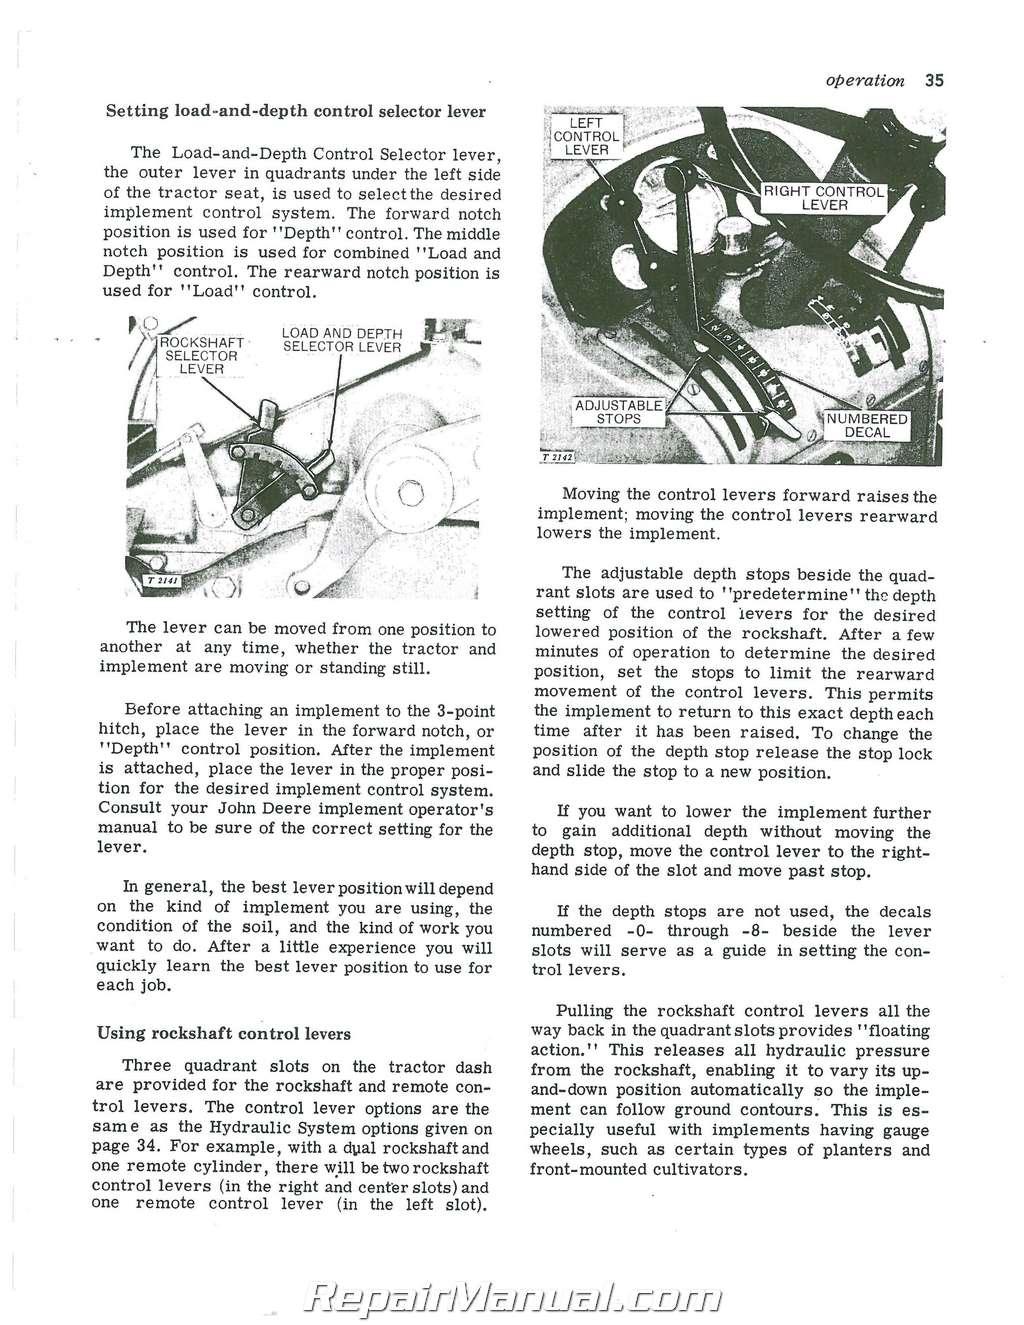 John Deere Tractor Operators Manual Sn 0